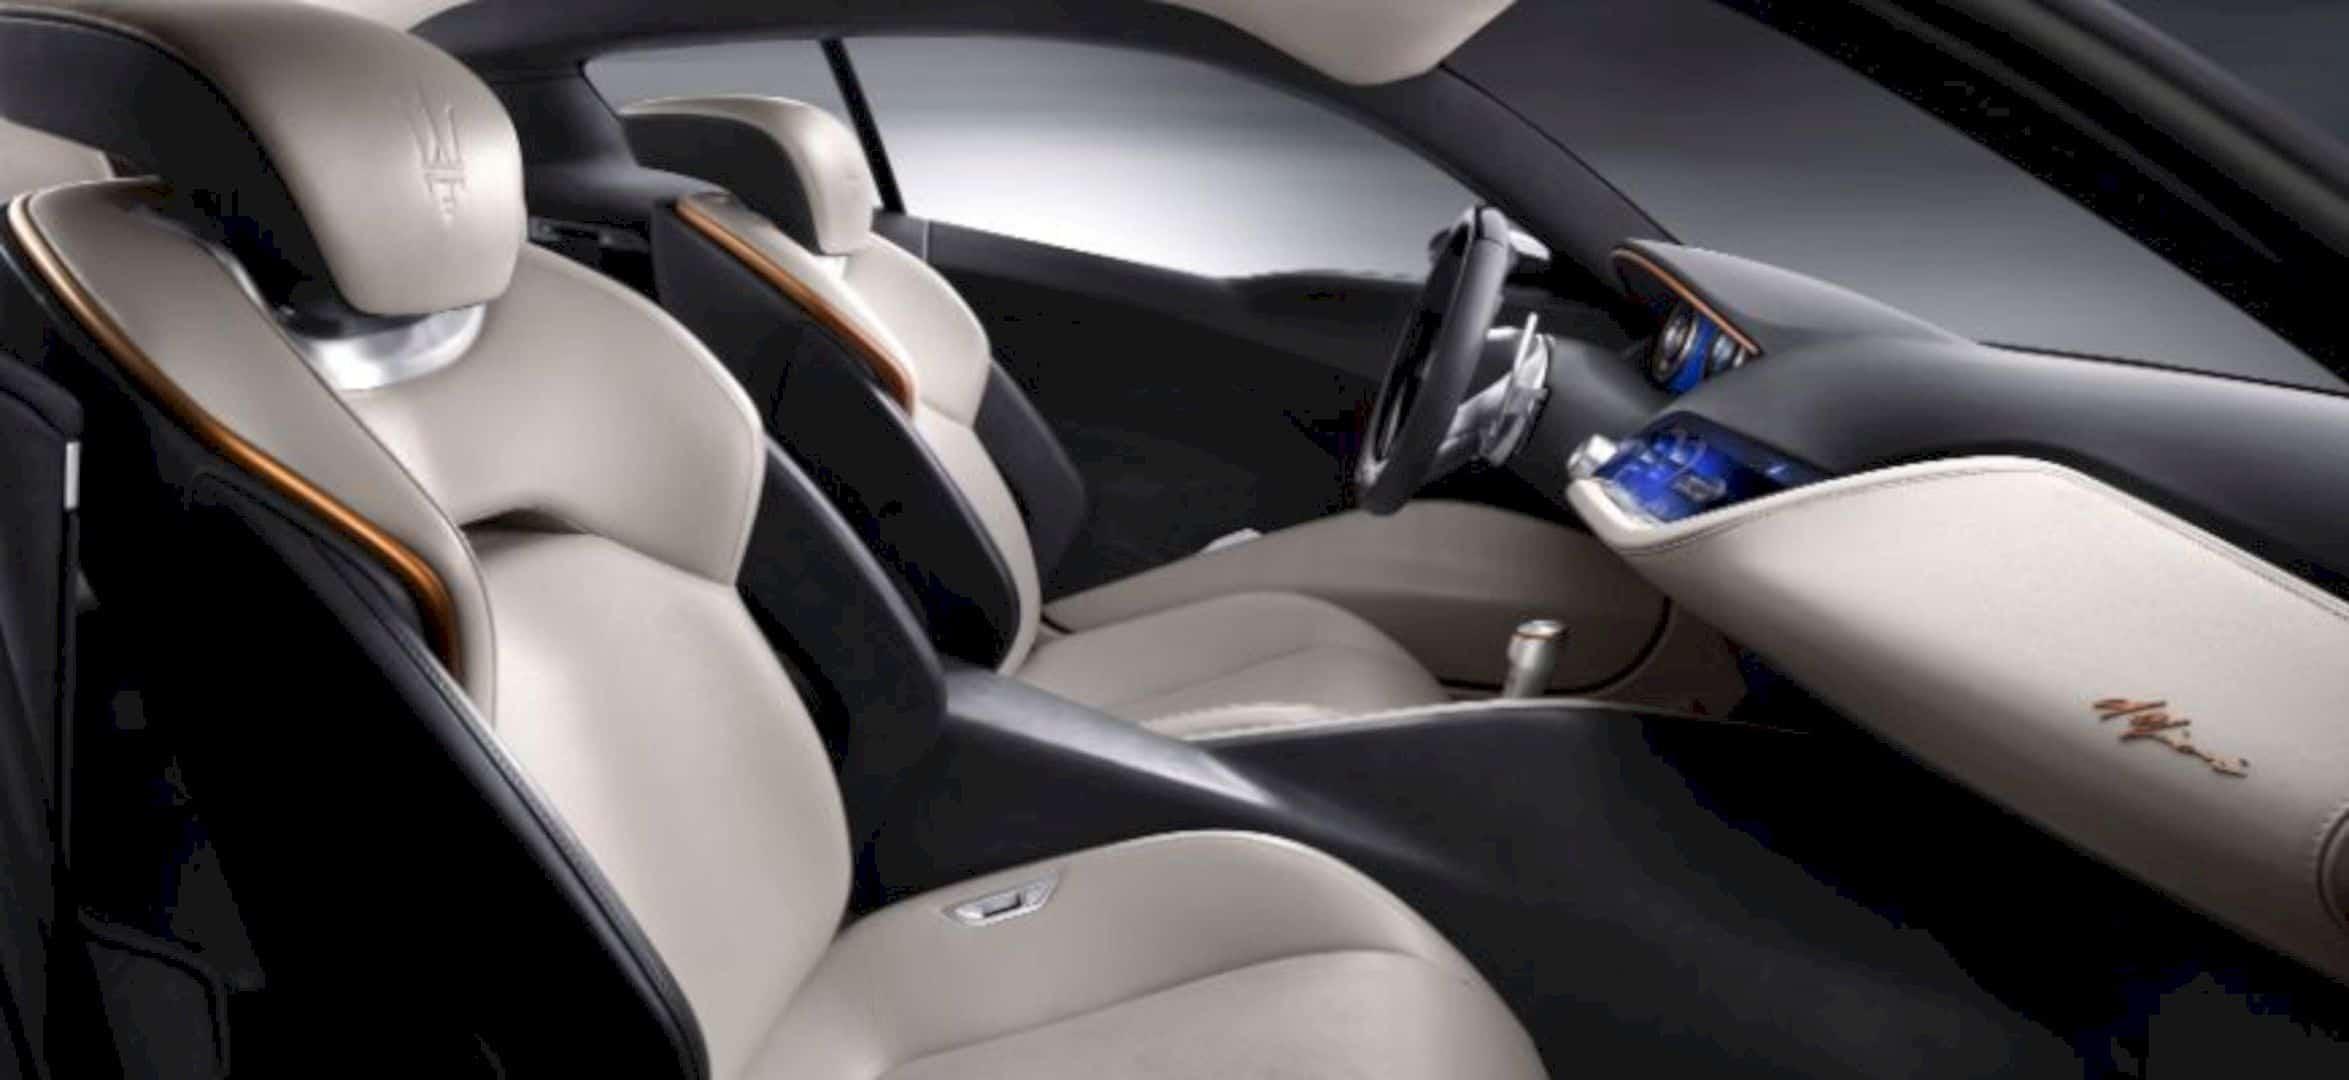 The Maserati Alfieri Concept Car 3